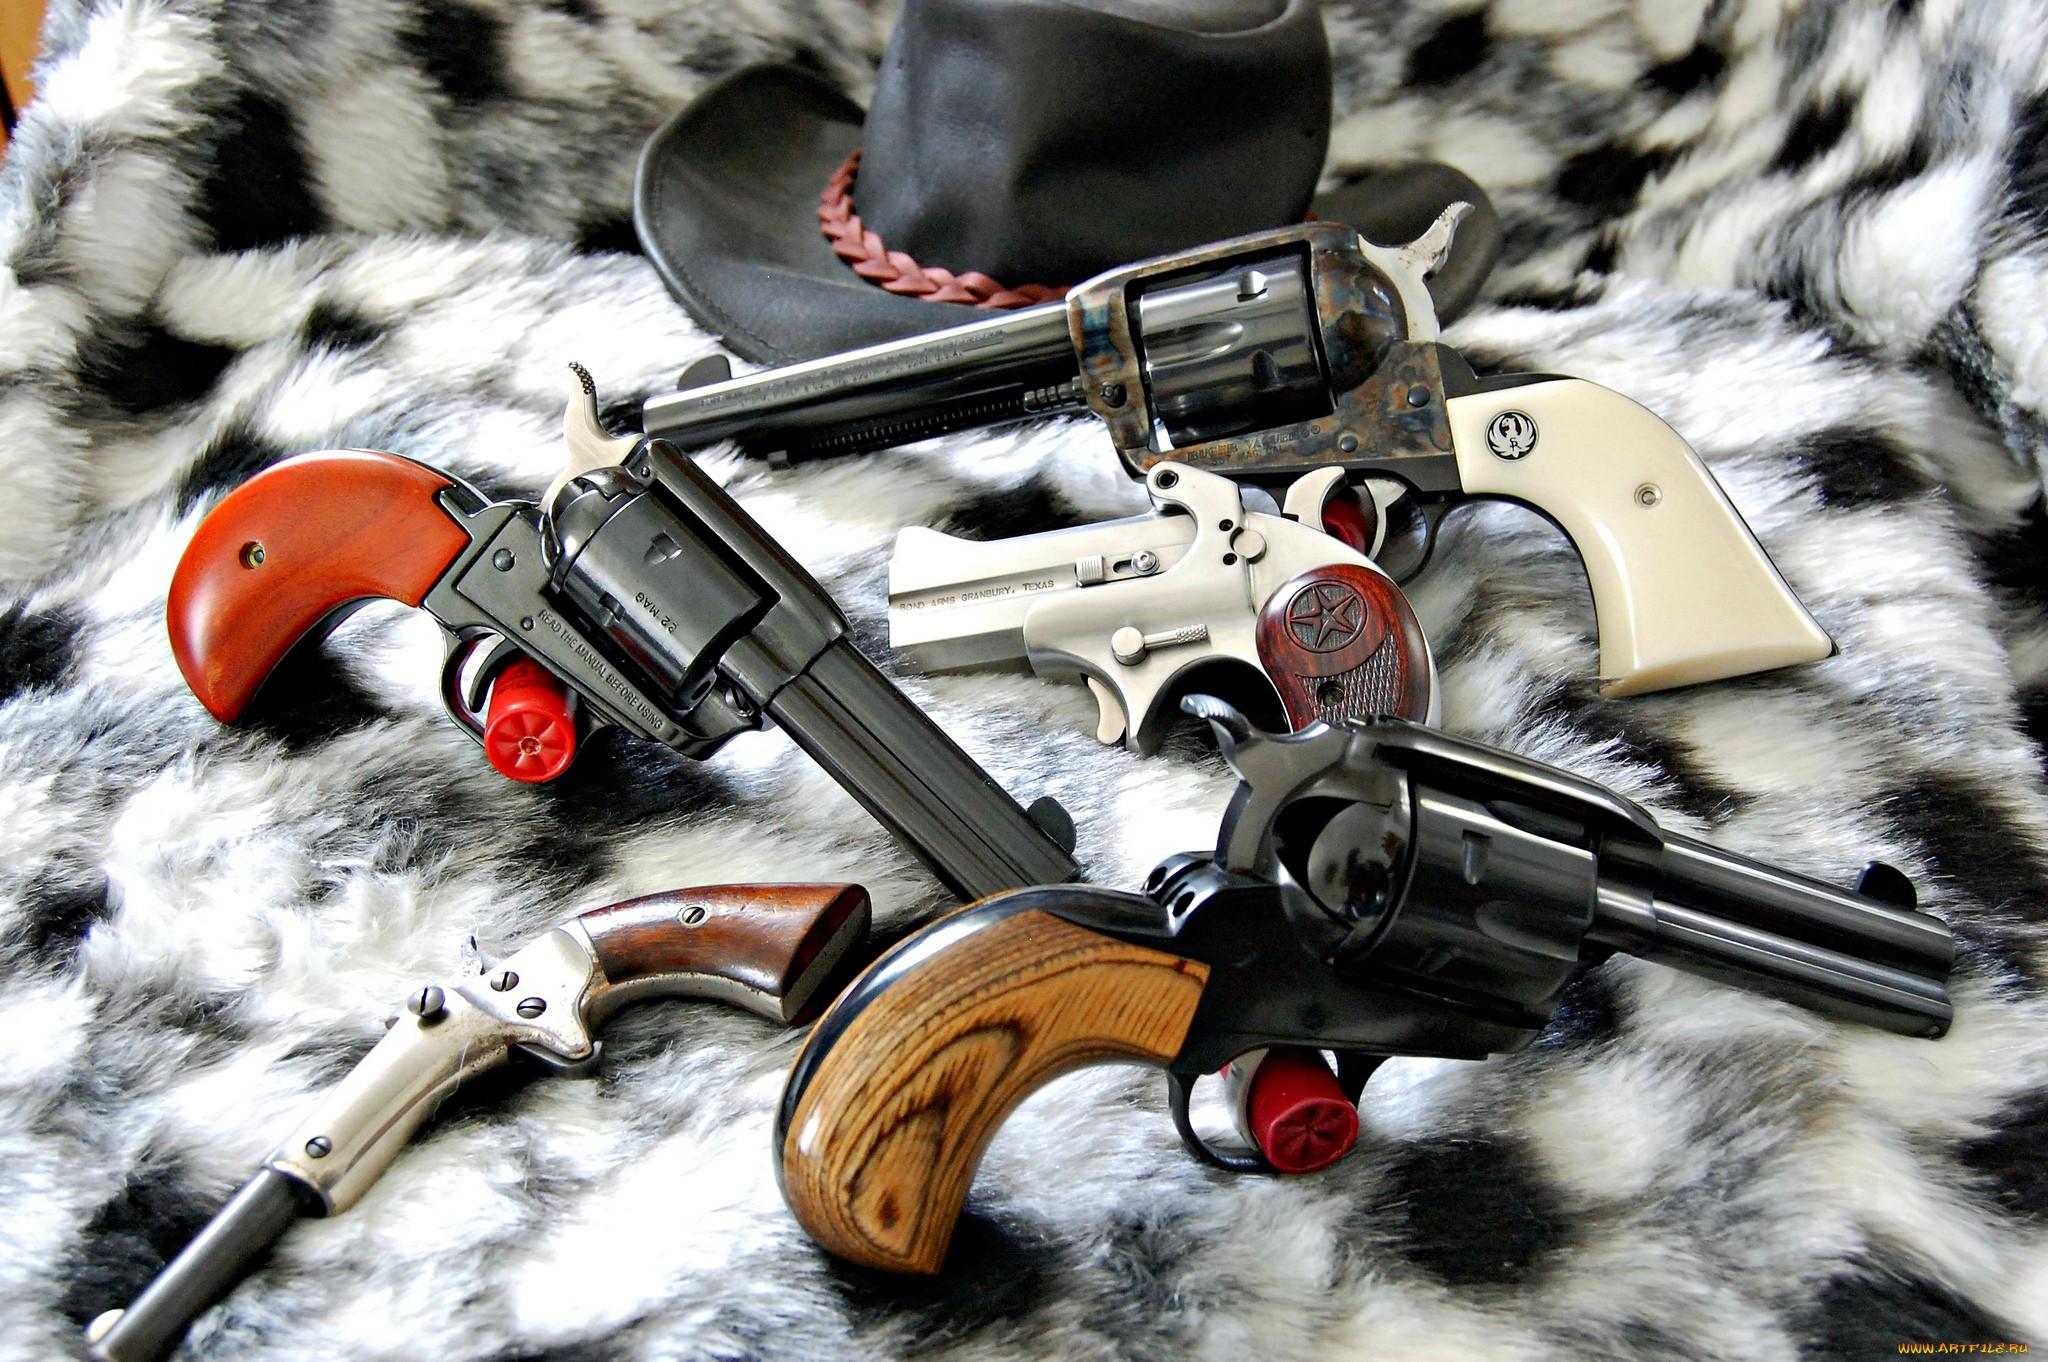 rugers,  bond arms,  heritage and stevens, оружие, револьверы, история, раритеты